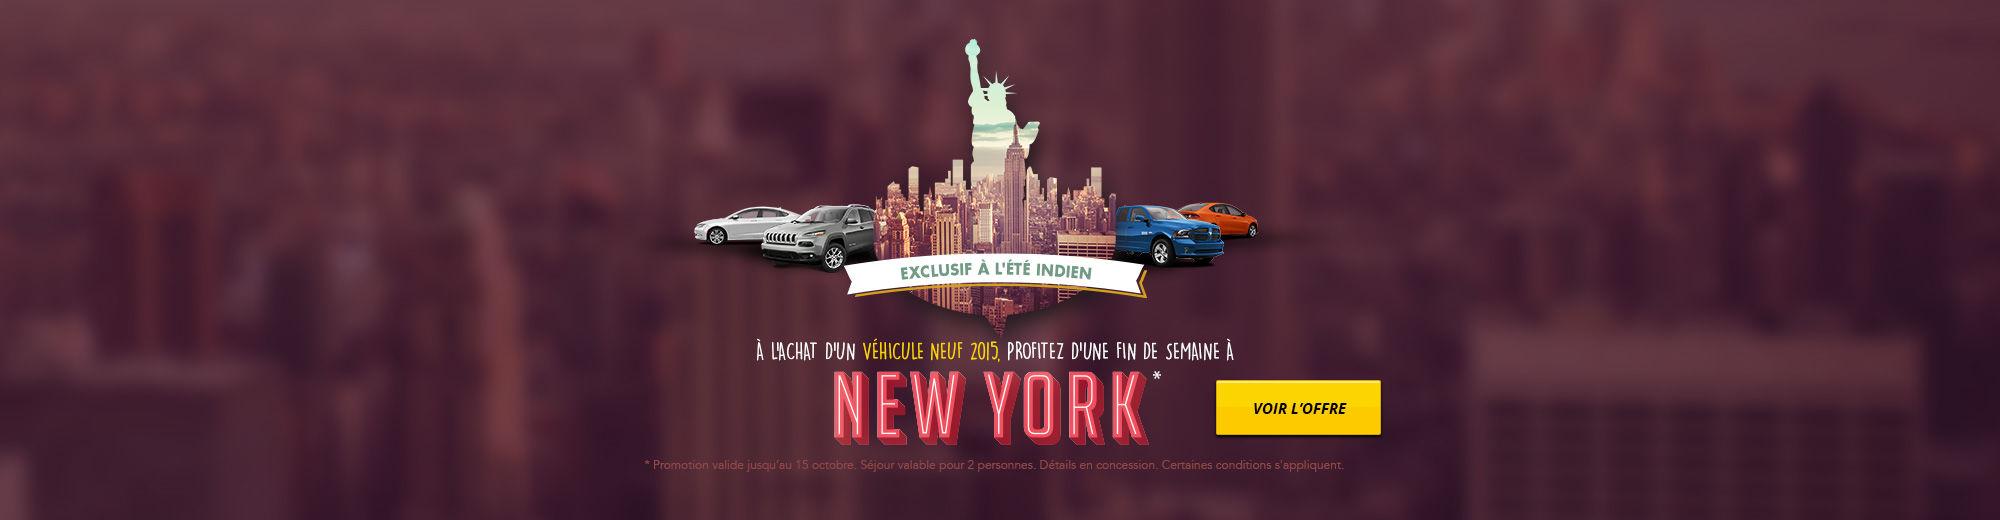 Profitez d'une fin de semaine à New York